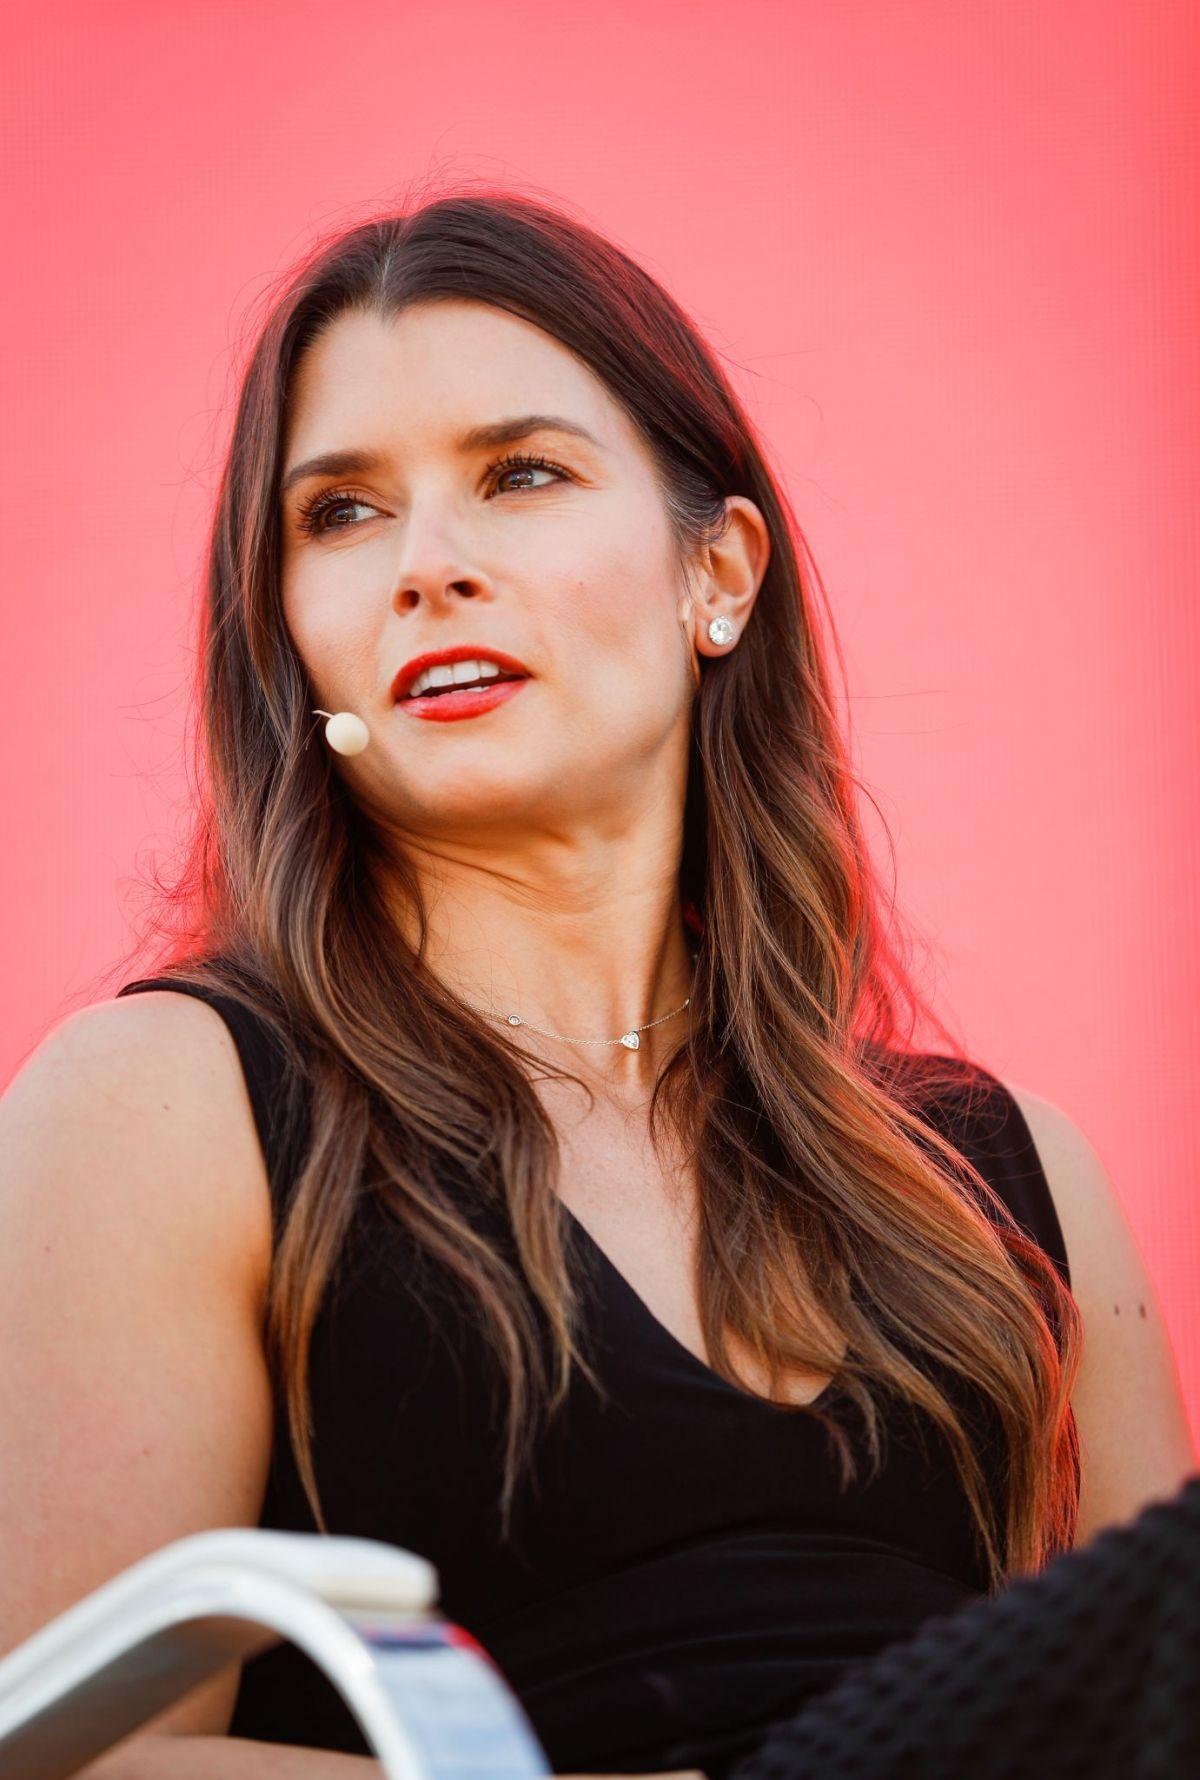 Danica Sotto - IMDb